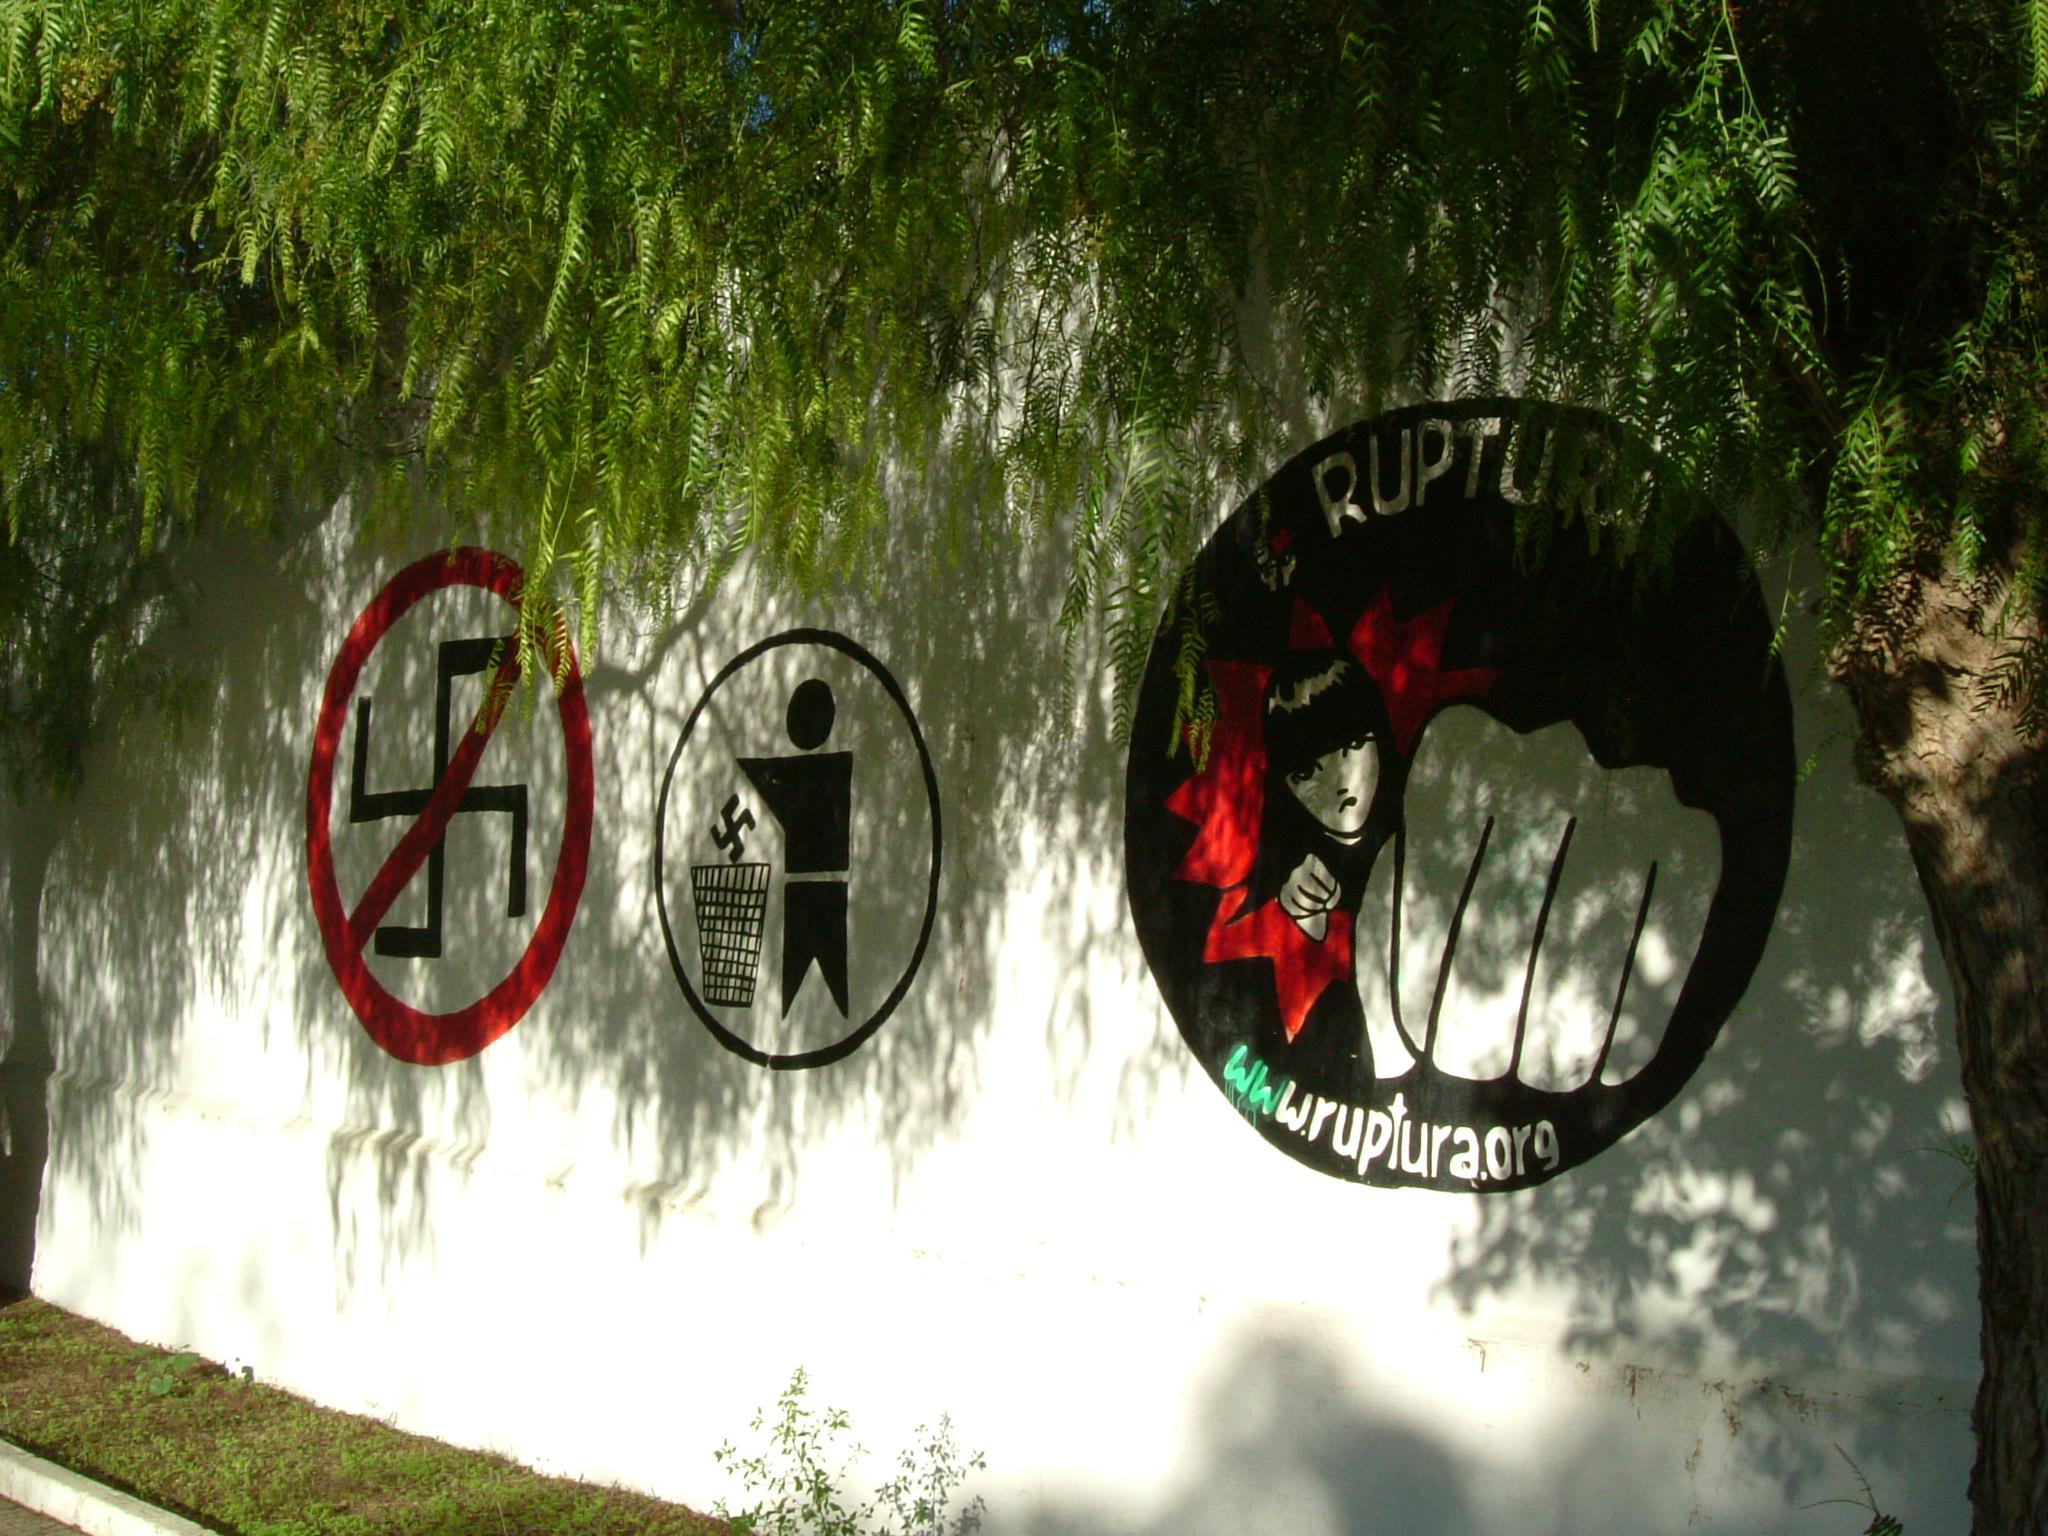 Muros hablados